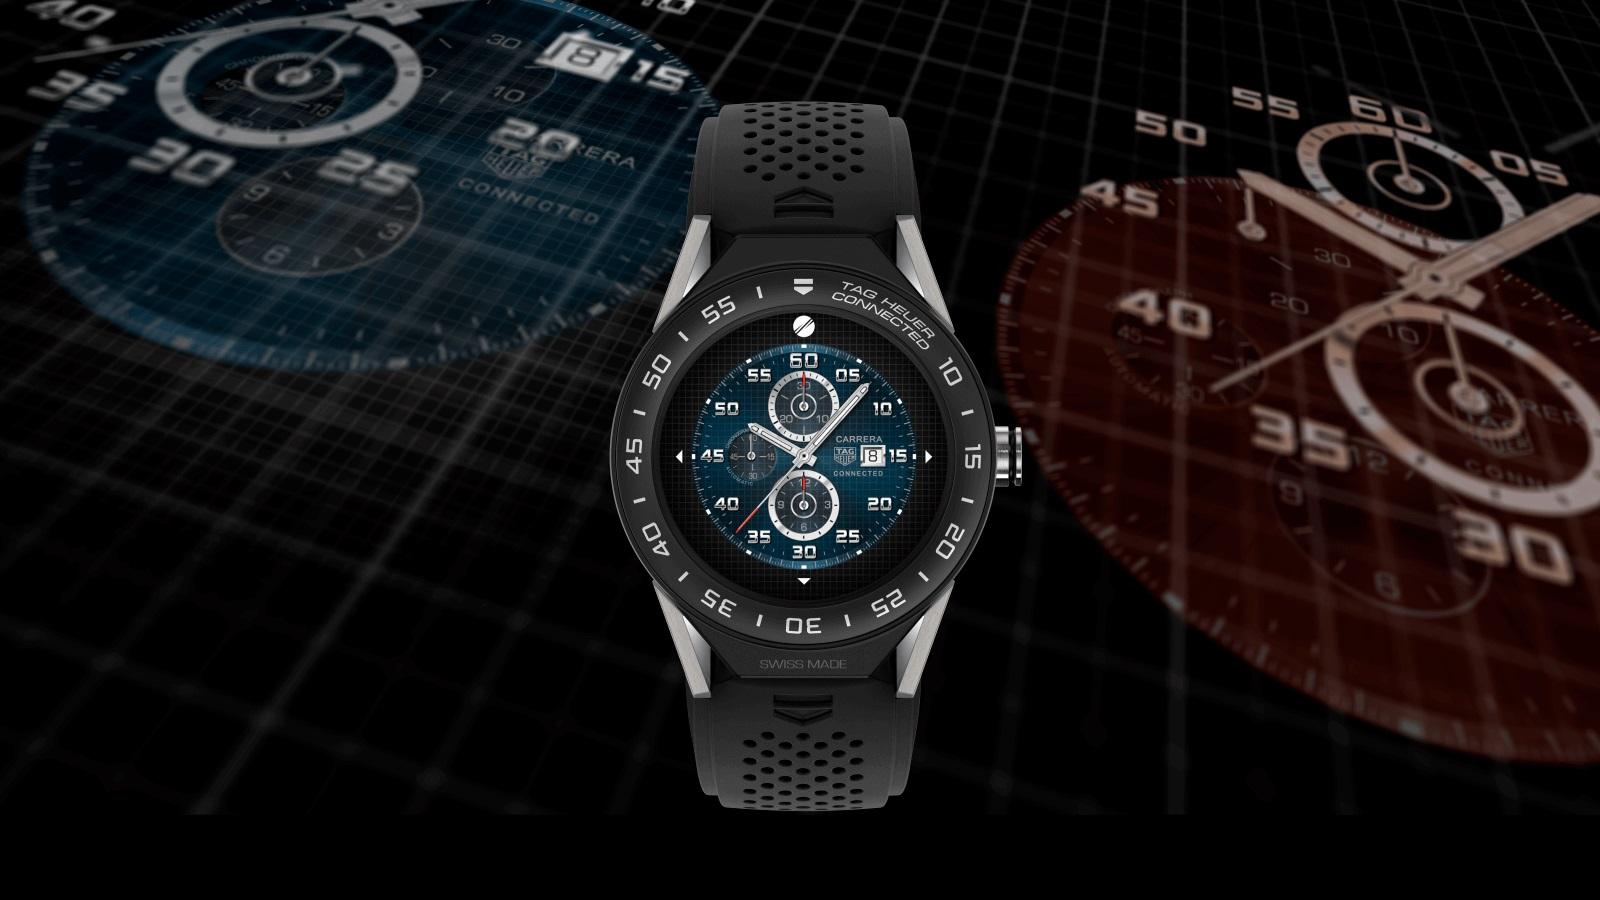 b727e807ecd Tag Heuer anuncia smartwatch modular de luxo com Android Wear e ...